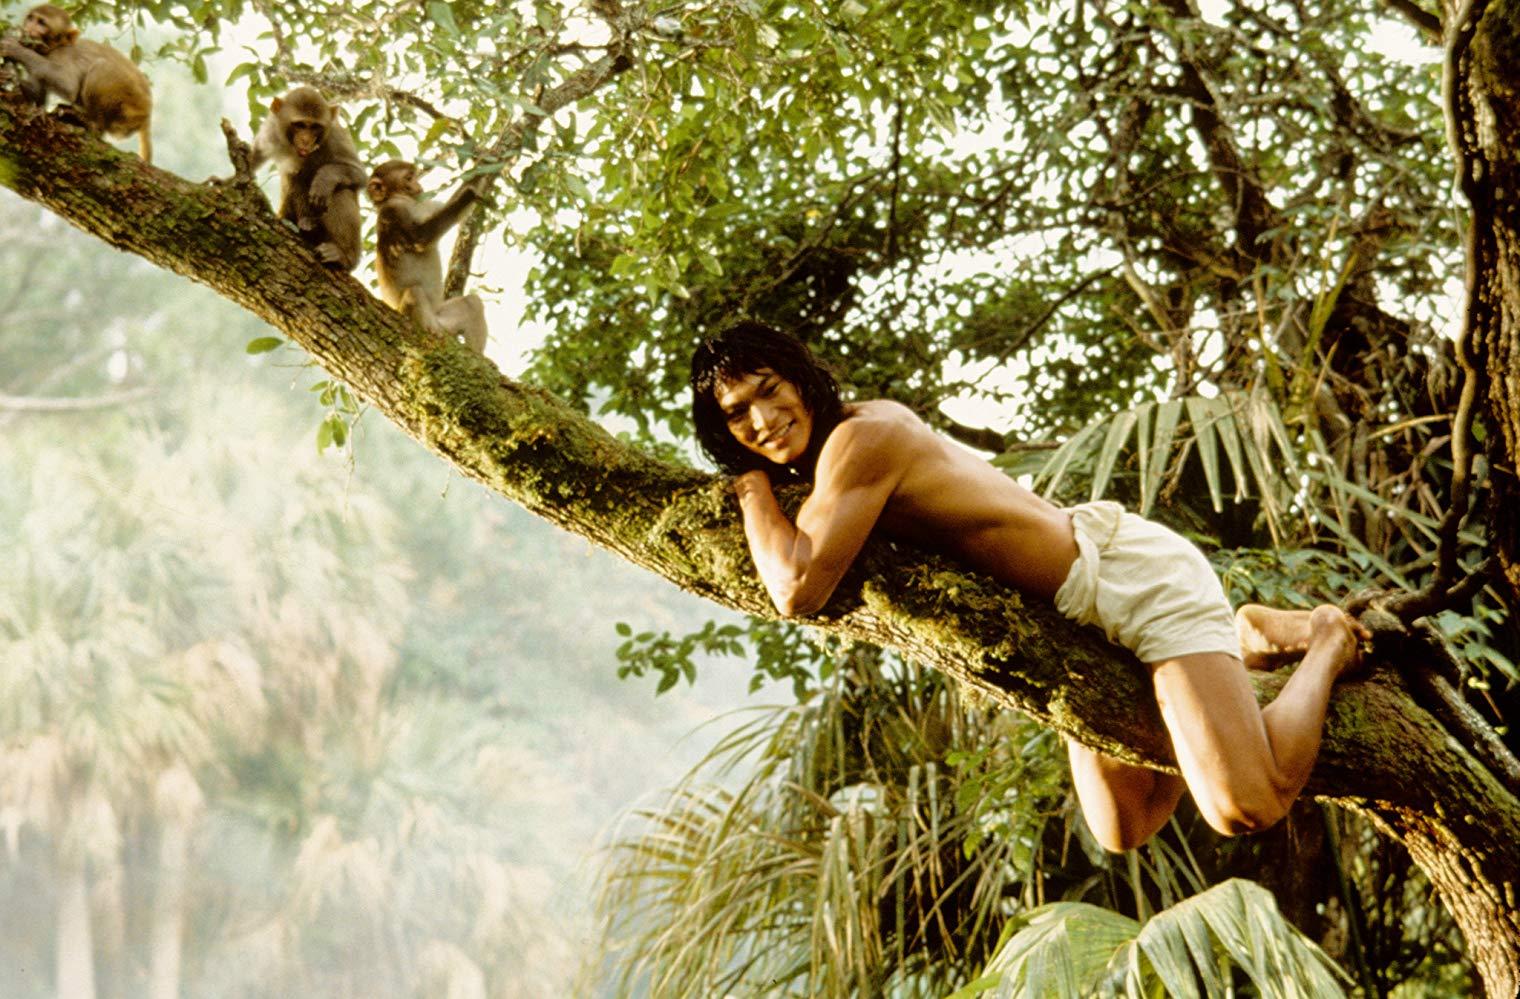 Jason Lee as Mowgli in The Jungle Book (1994)